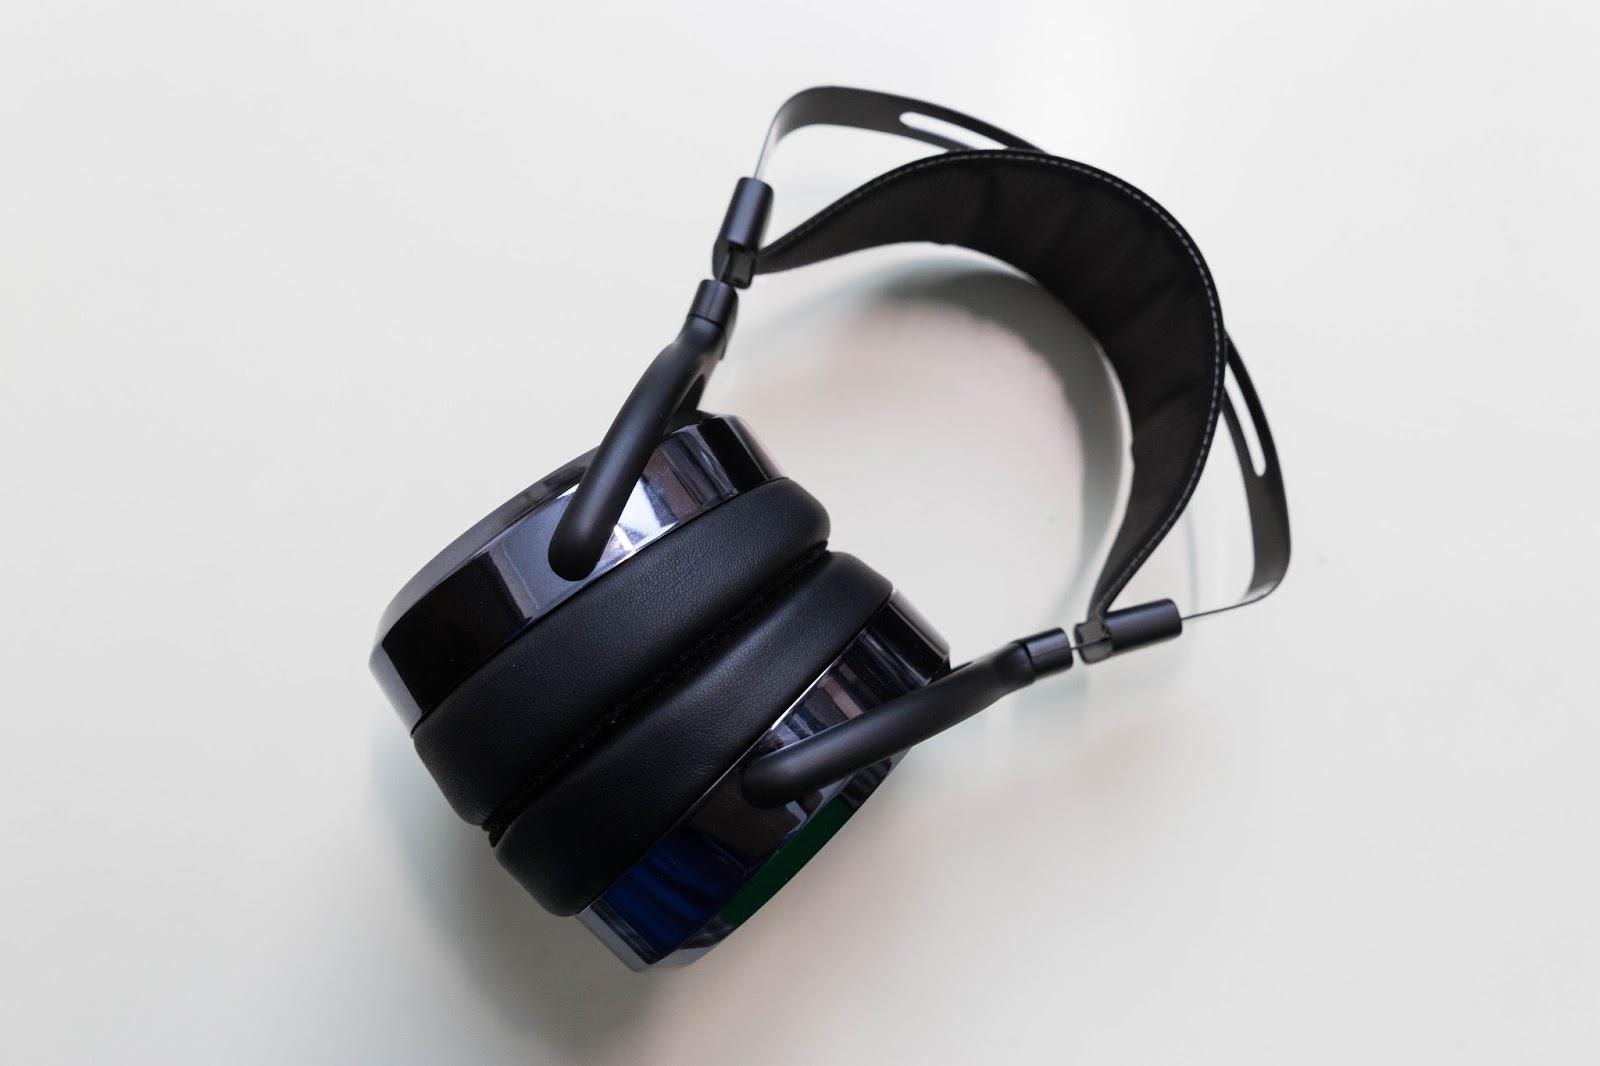 Análisis Auriculares Hifiman HE400i